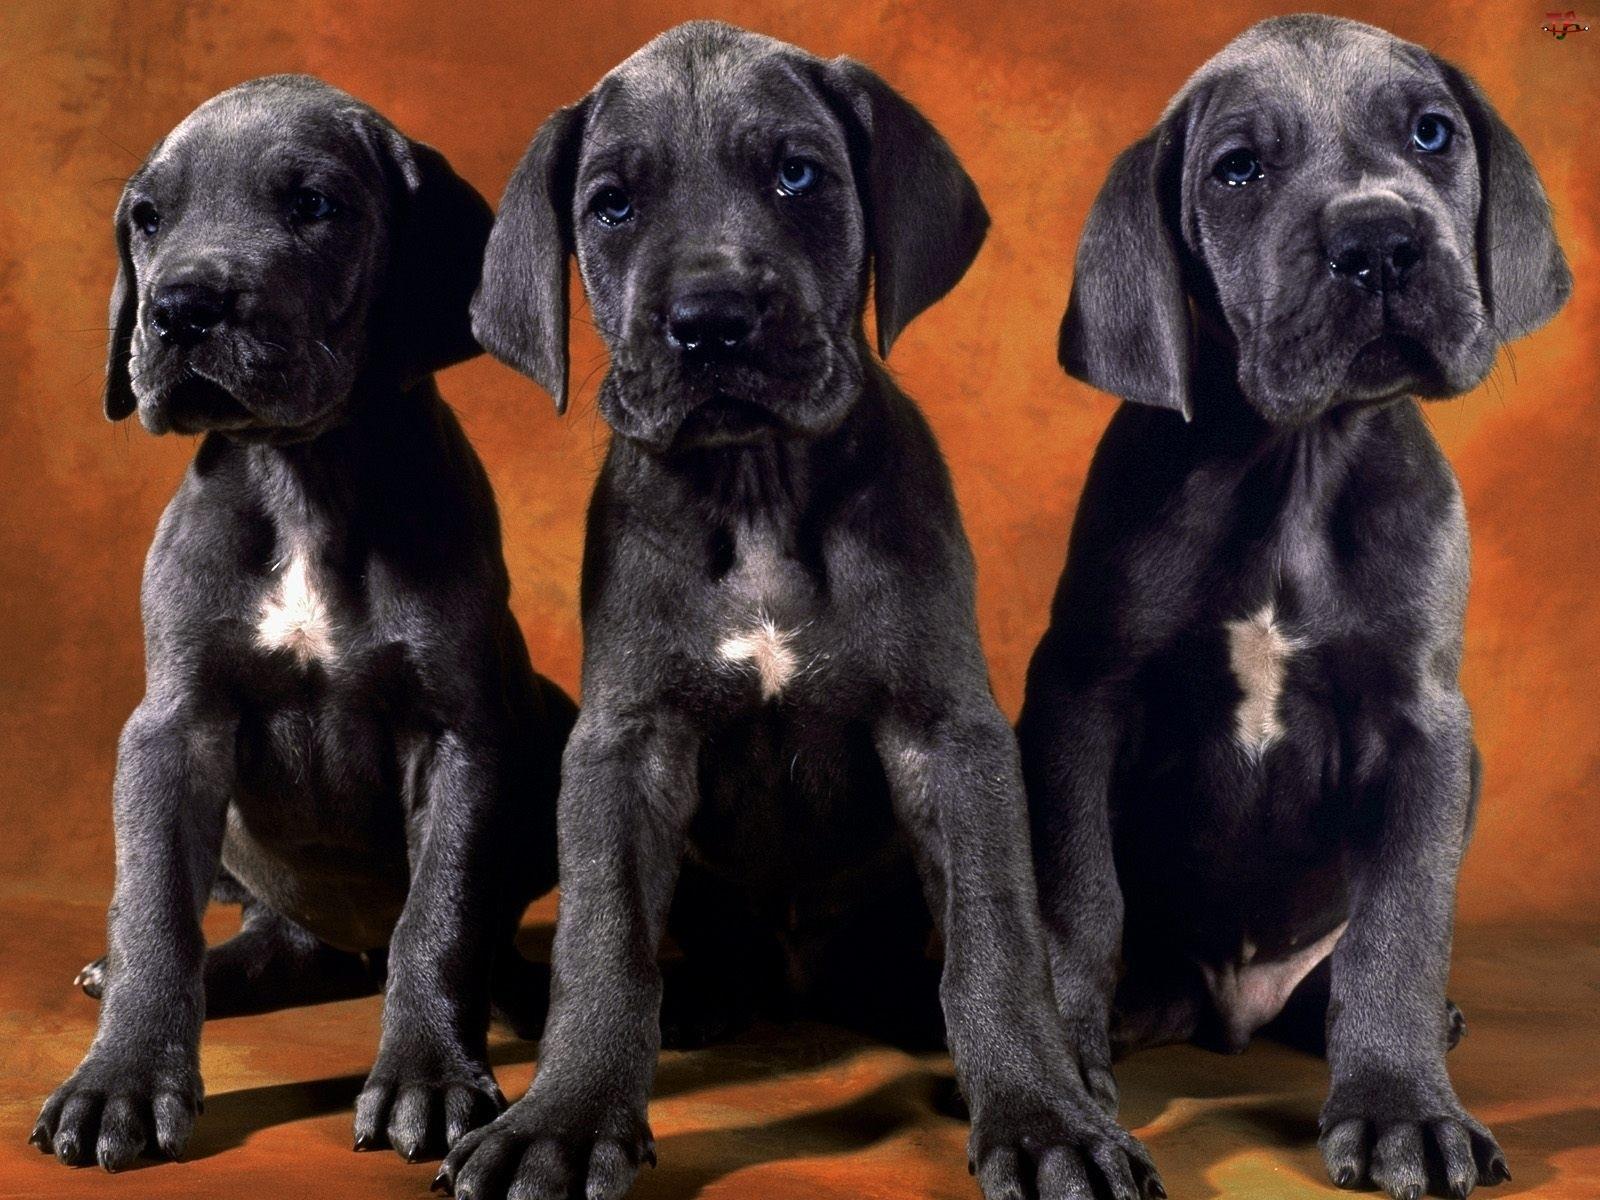 Trzy, Dog niemiecki, Czarne, Szczeniaki